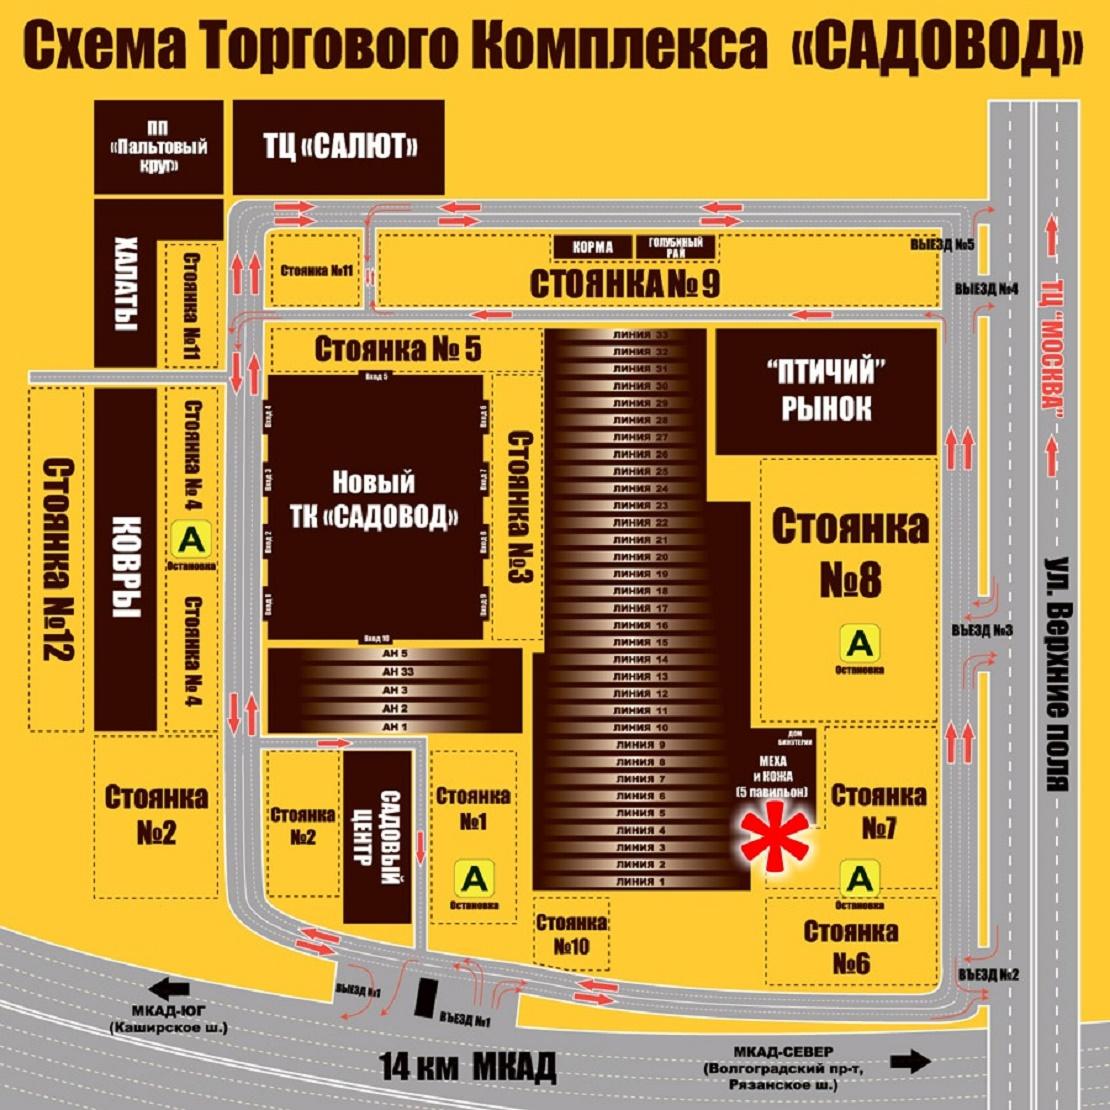 Схема торгового комплекса Садовод